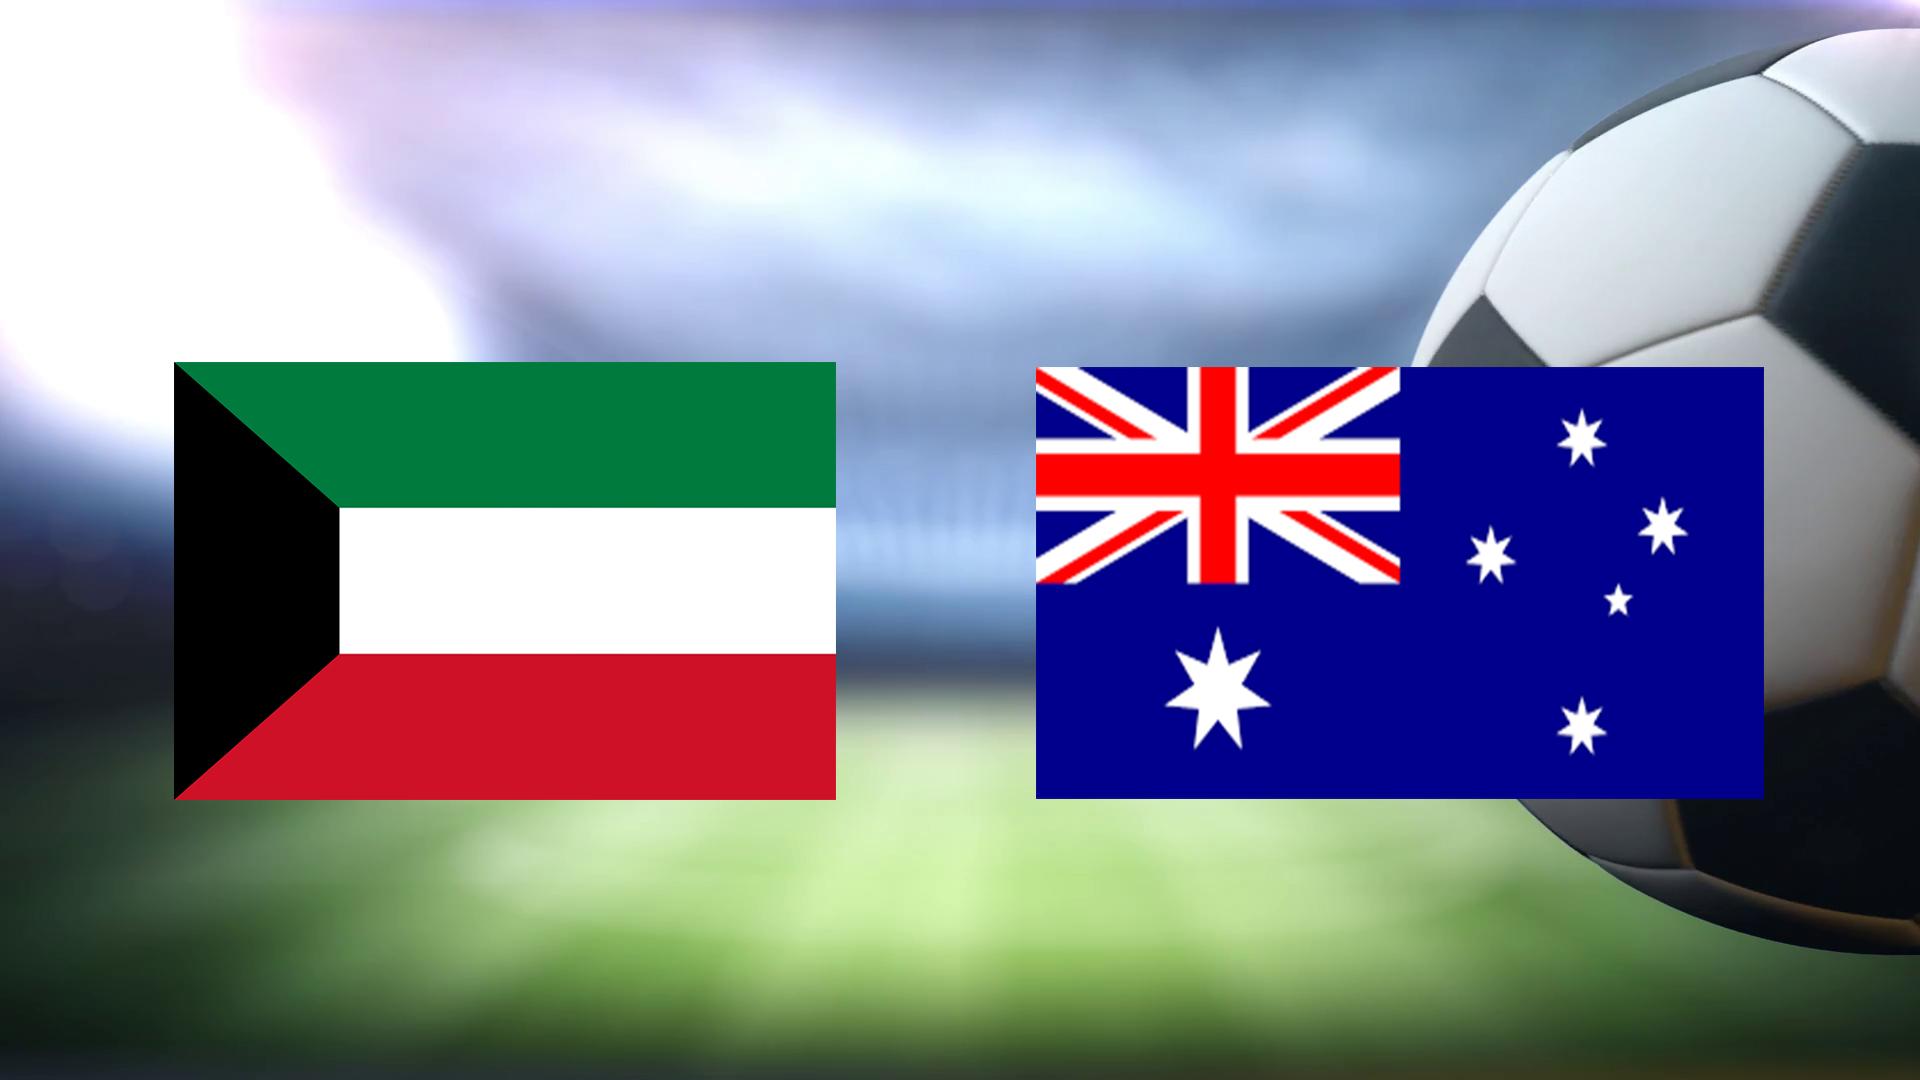 kuwait-vs-uc-tip-bong-da-15-10-2018 1